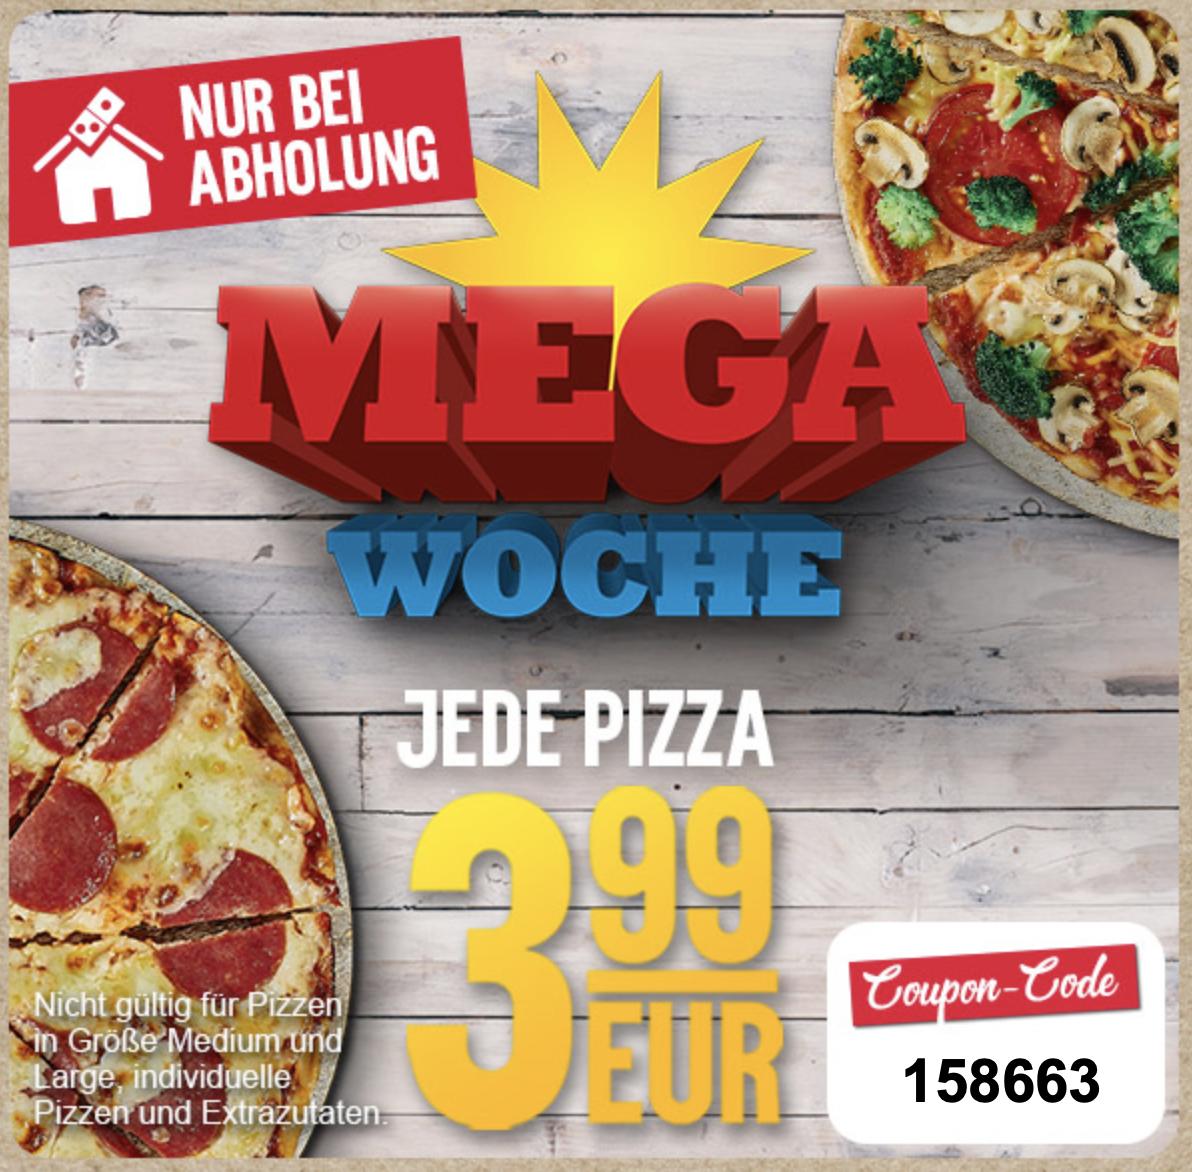 Jede Pizza für 3,99 € bei Domino's bei Abholung